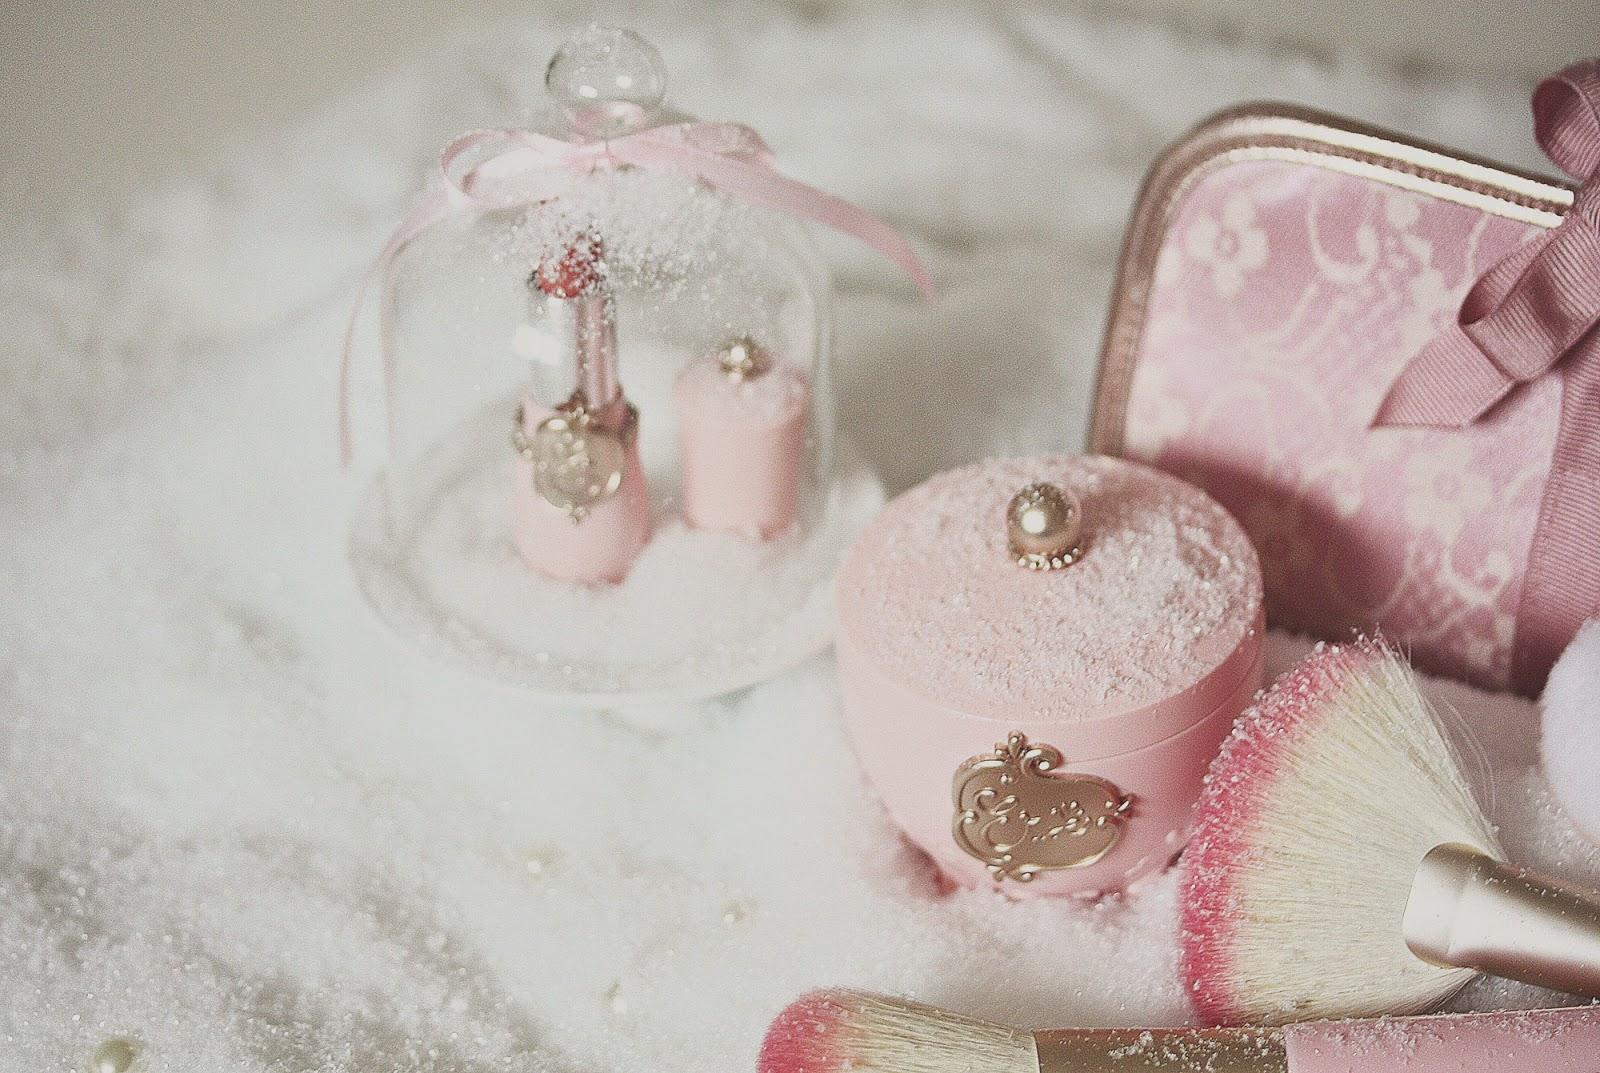 http://rosemademoiselle.blogspot.com/2014/11/princess-etoinette-etude-house.html